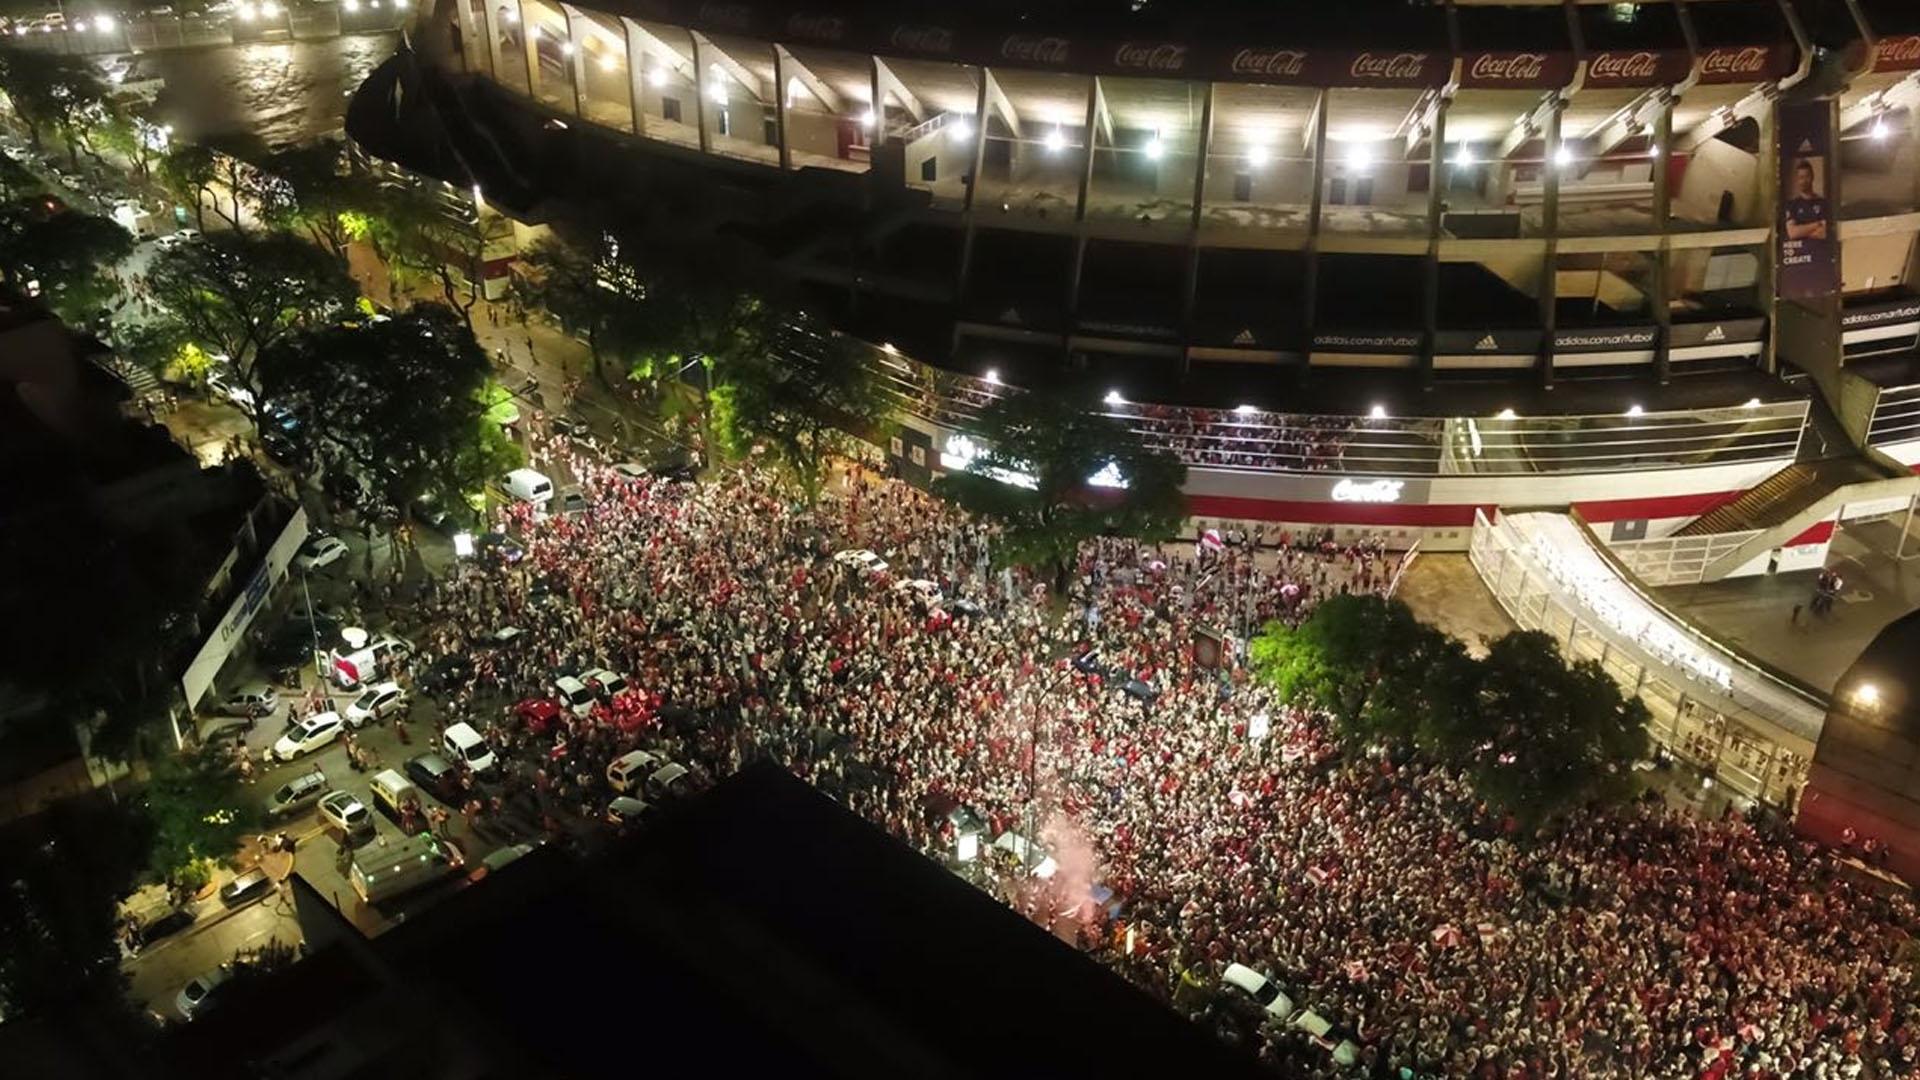 Los festejos en el Monumental, desde el drone de Infobae